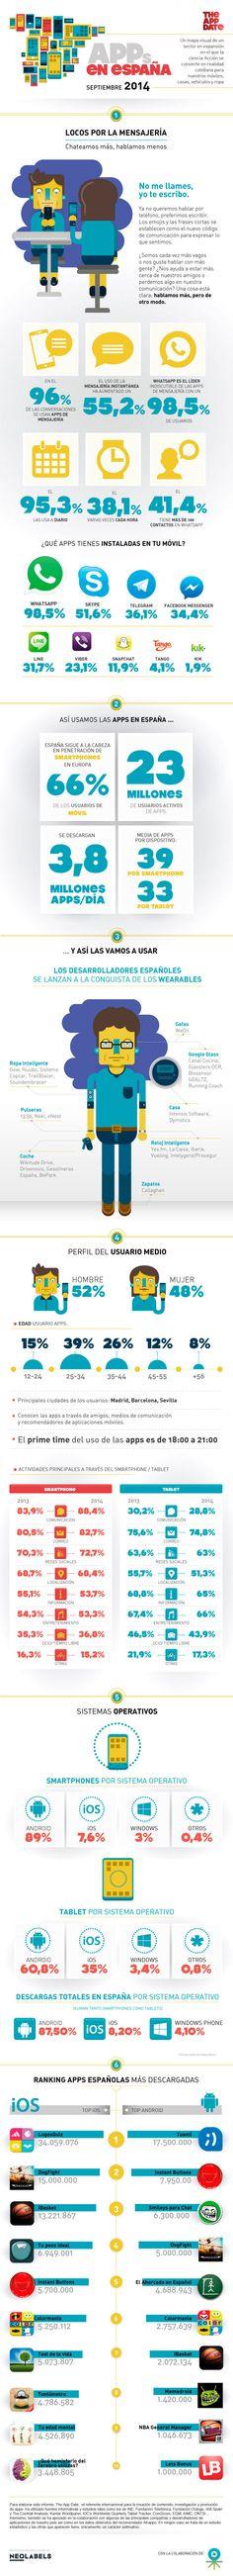 informe-apps